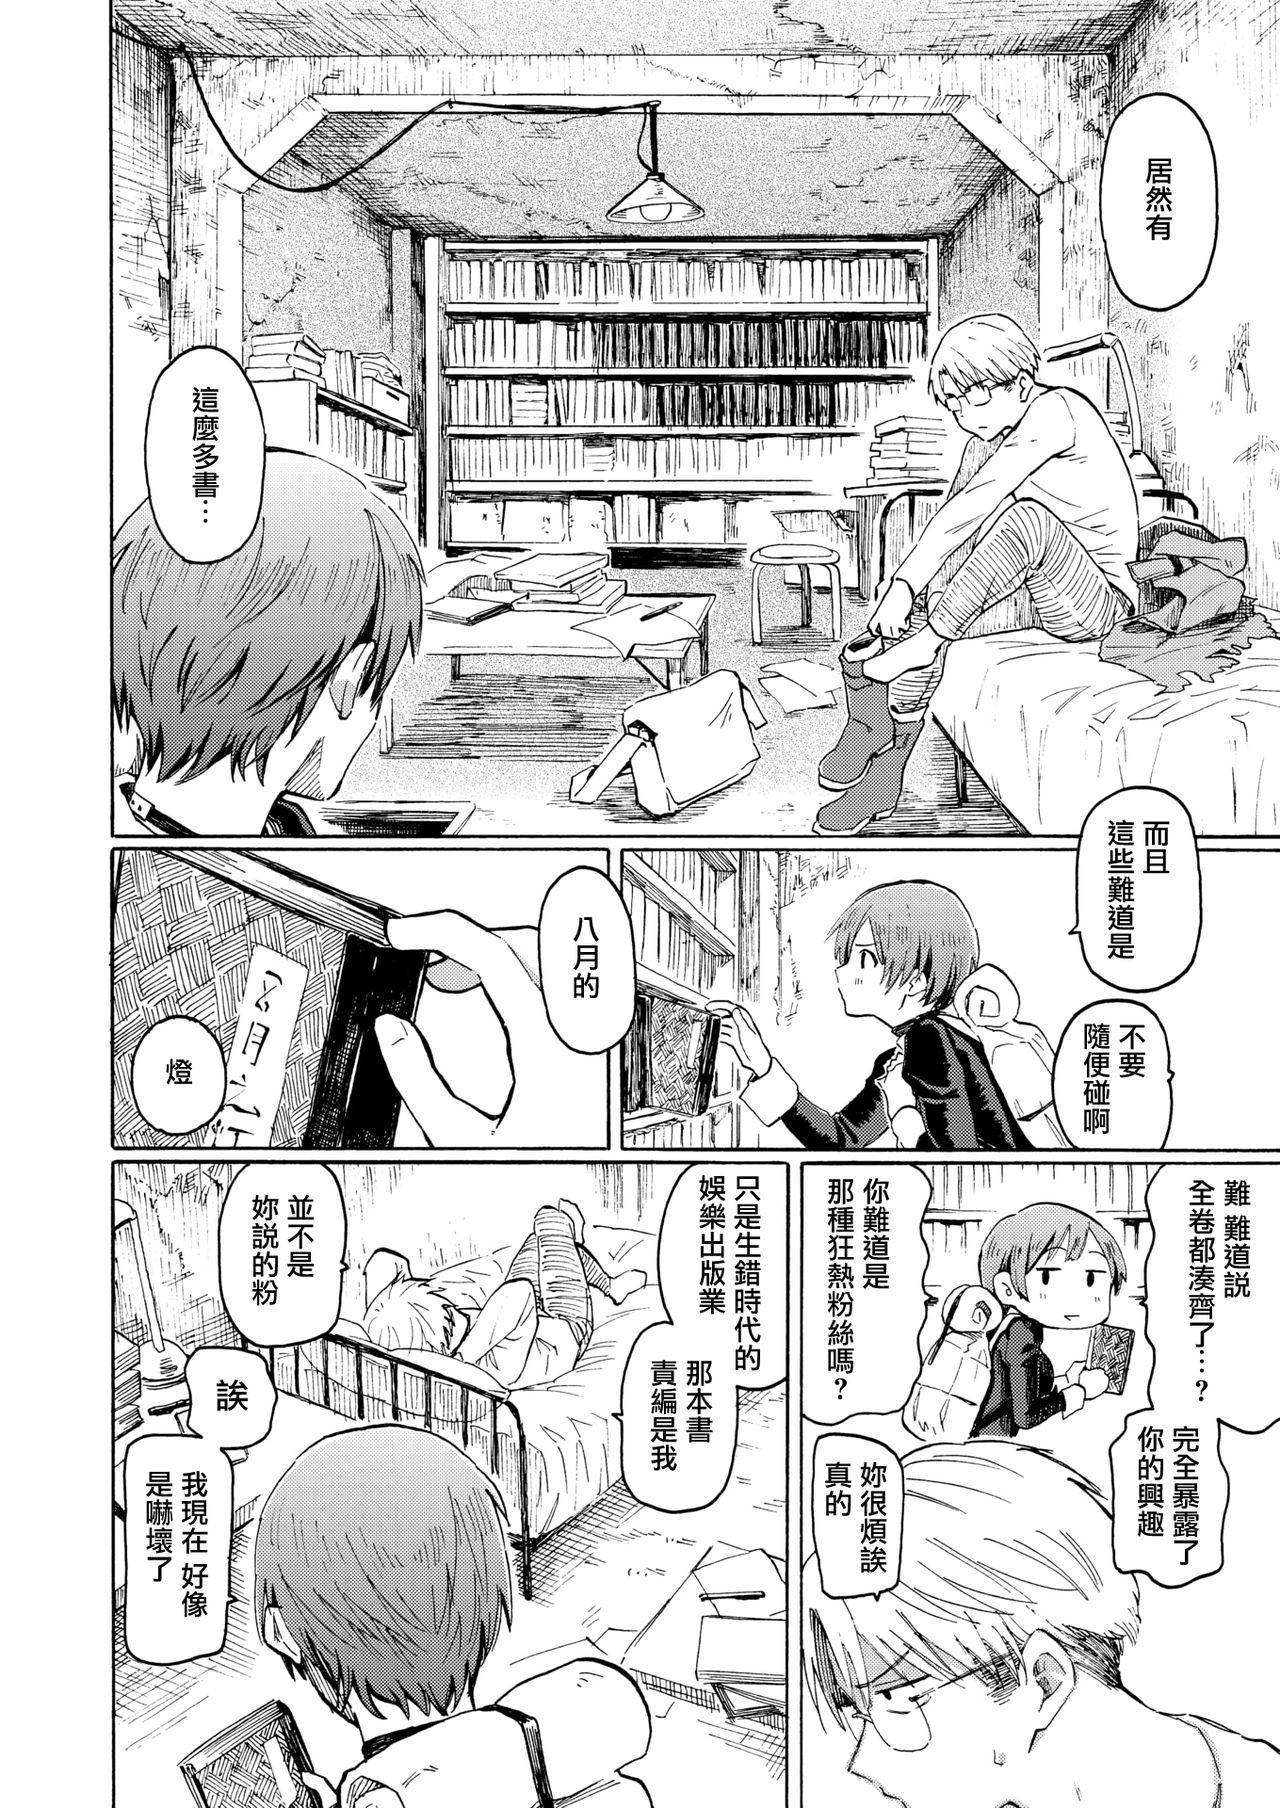 Owari no Denki hitsuji 3